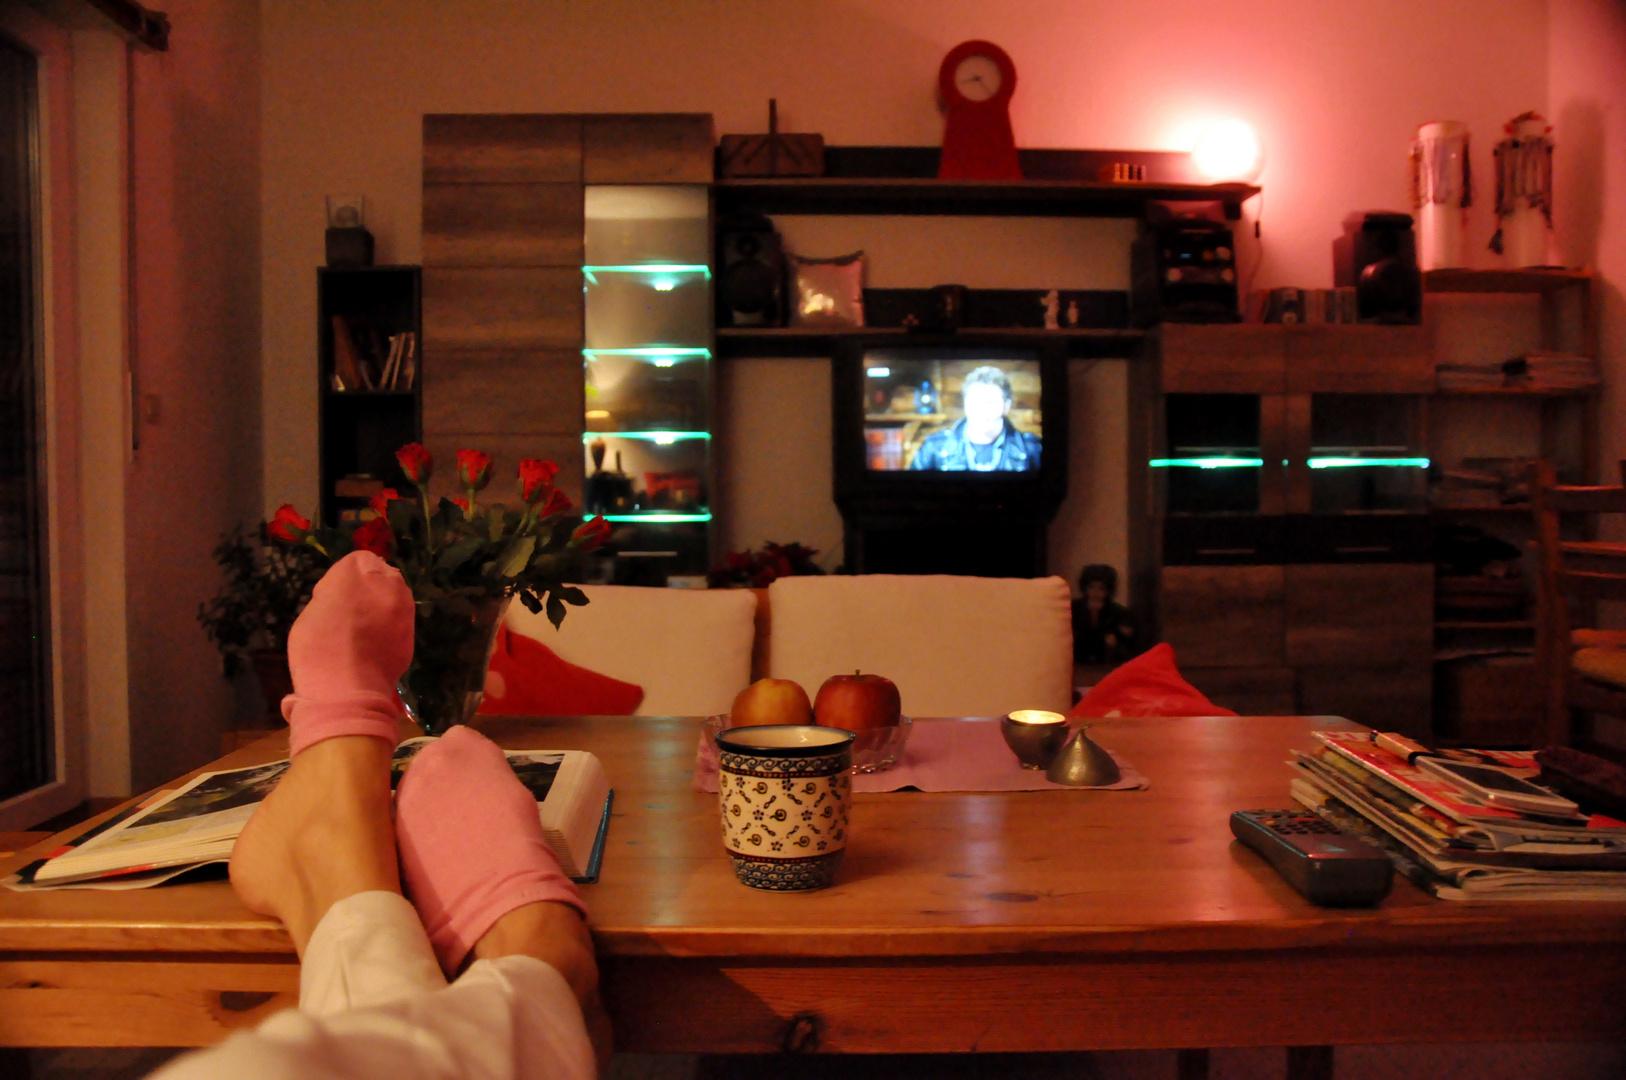 Feierabend, mein Wohnzimmer und ich Foto & Bild | monatswettbewerbe ...